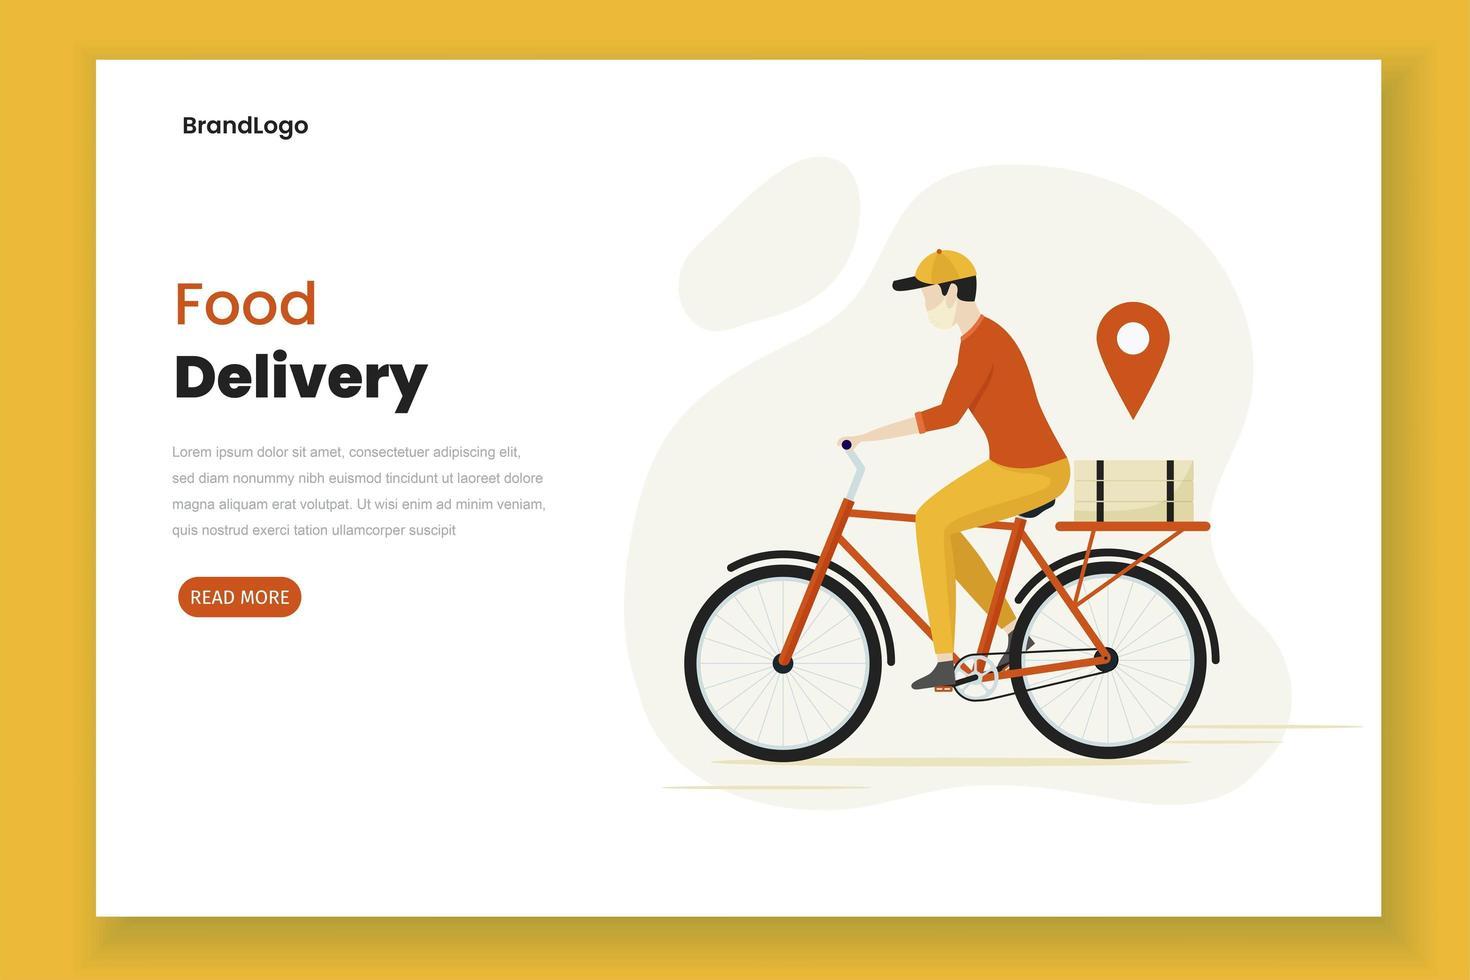 diseño plano repartidor de comida hombre página vector